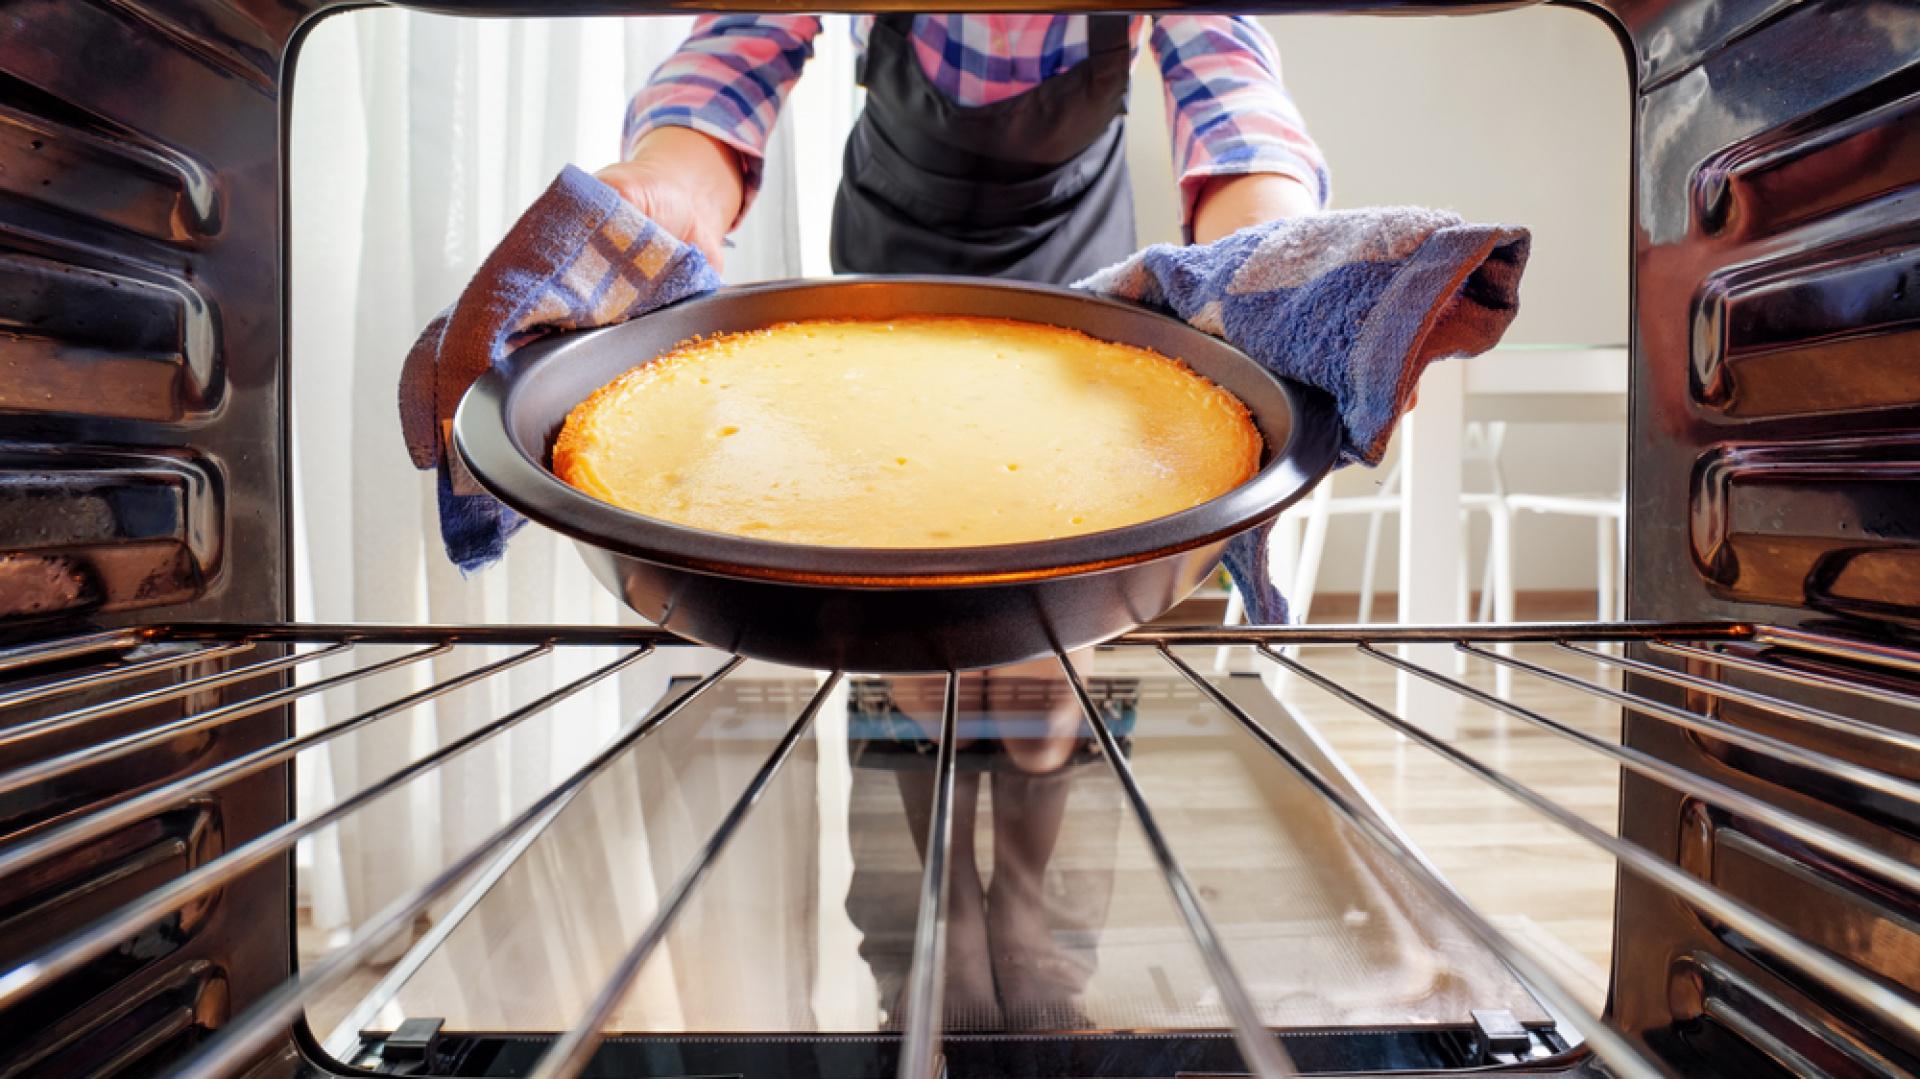 Piekarnik, który wyczyści się sam. Fot. Candy